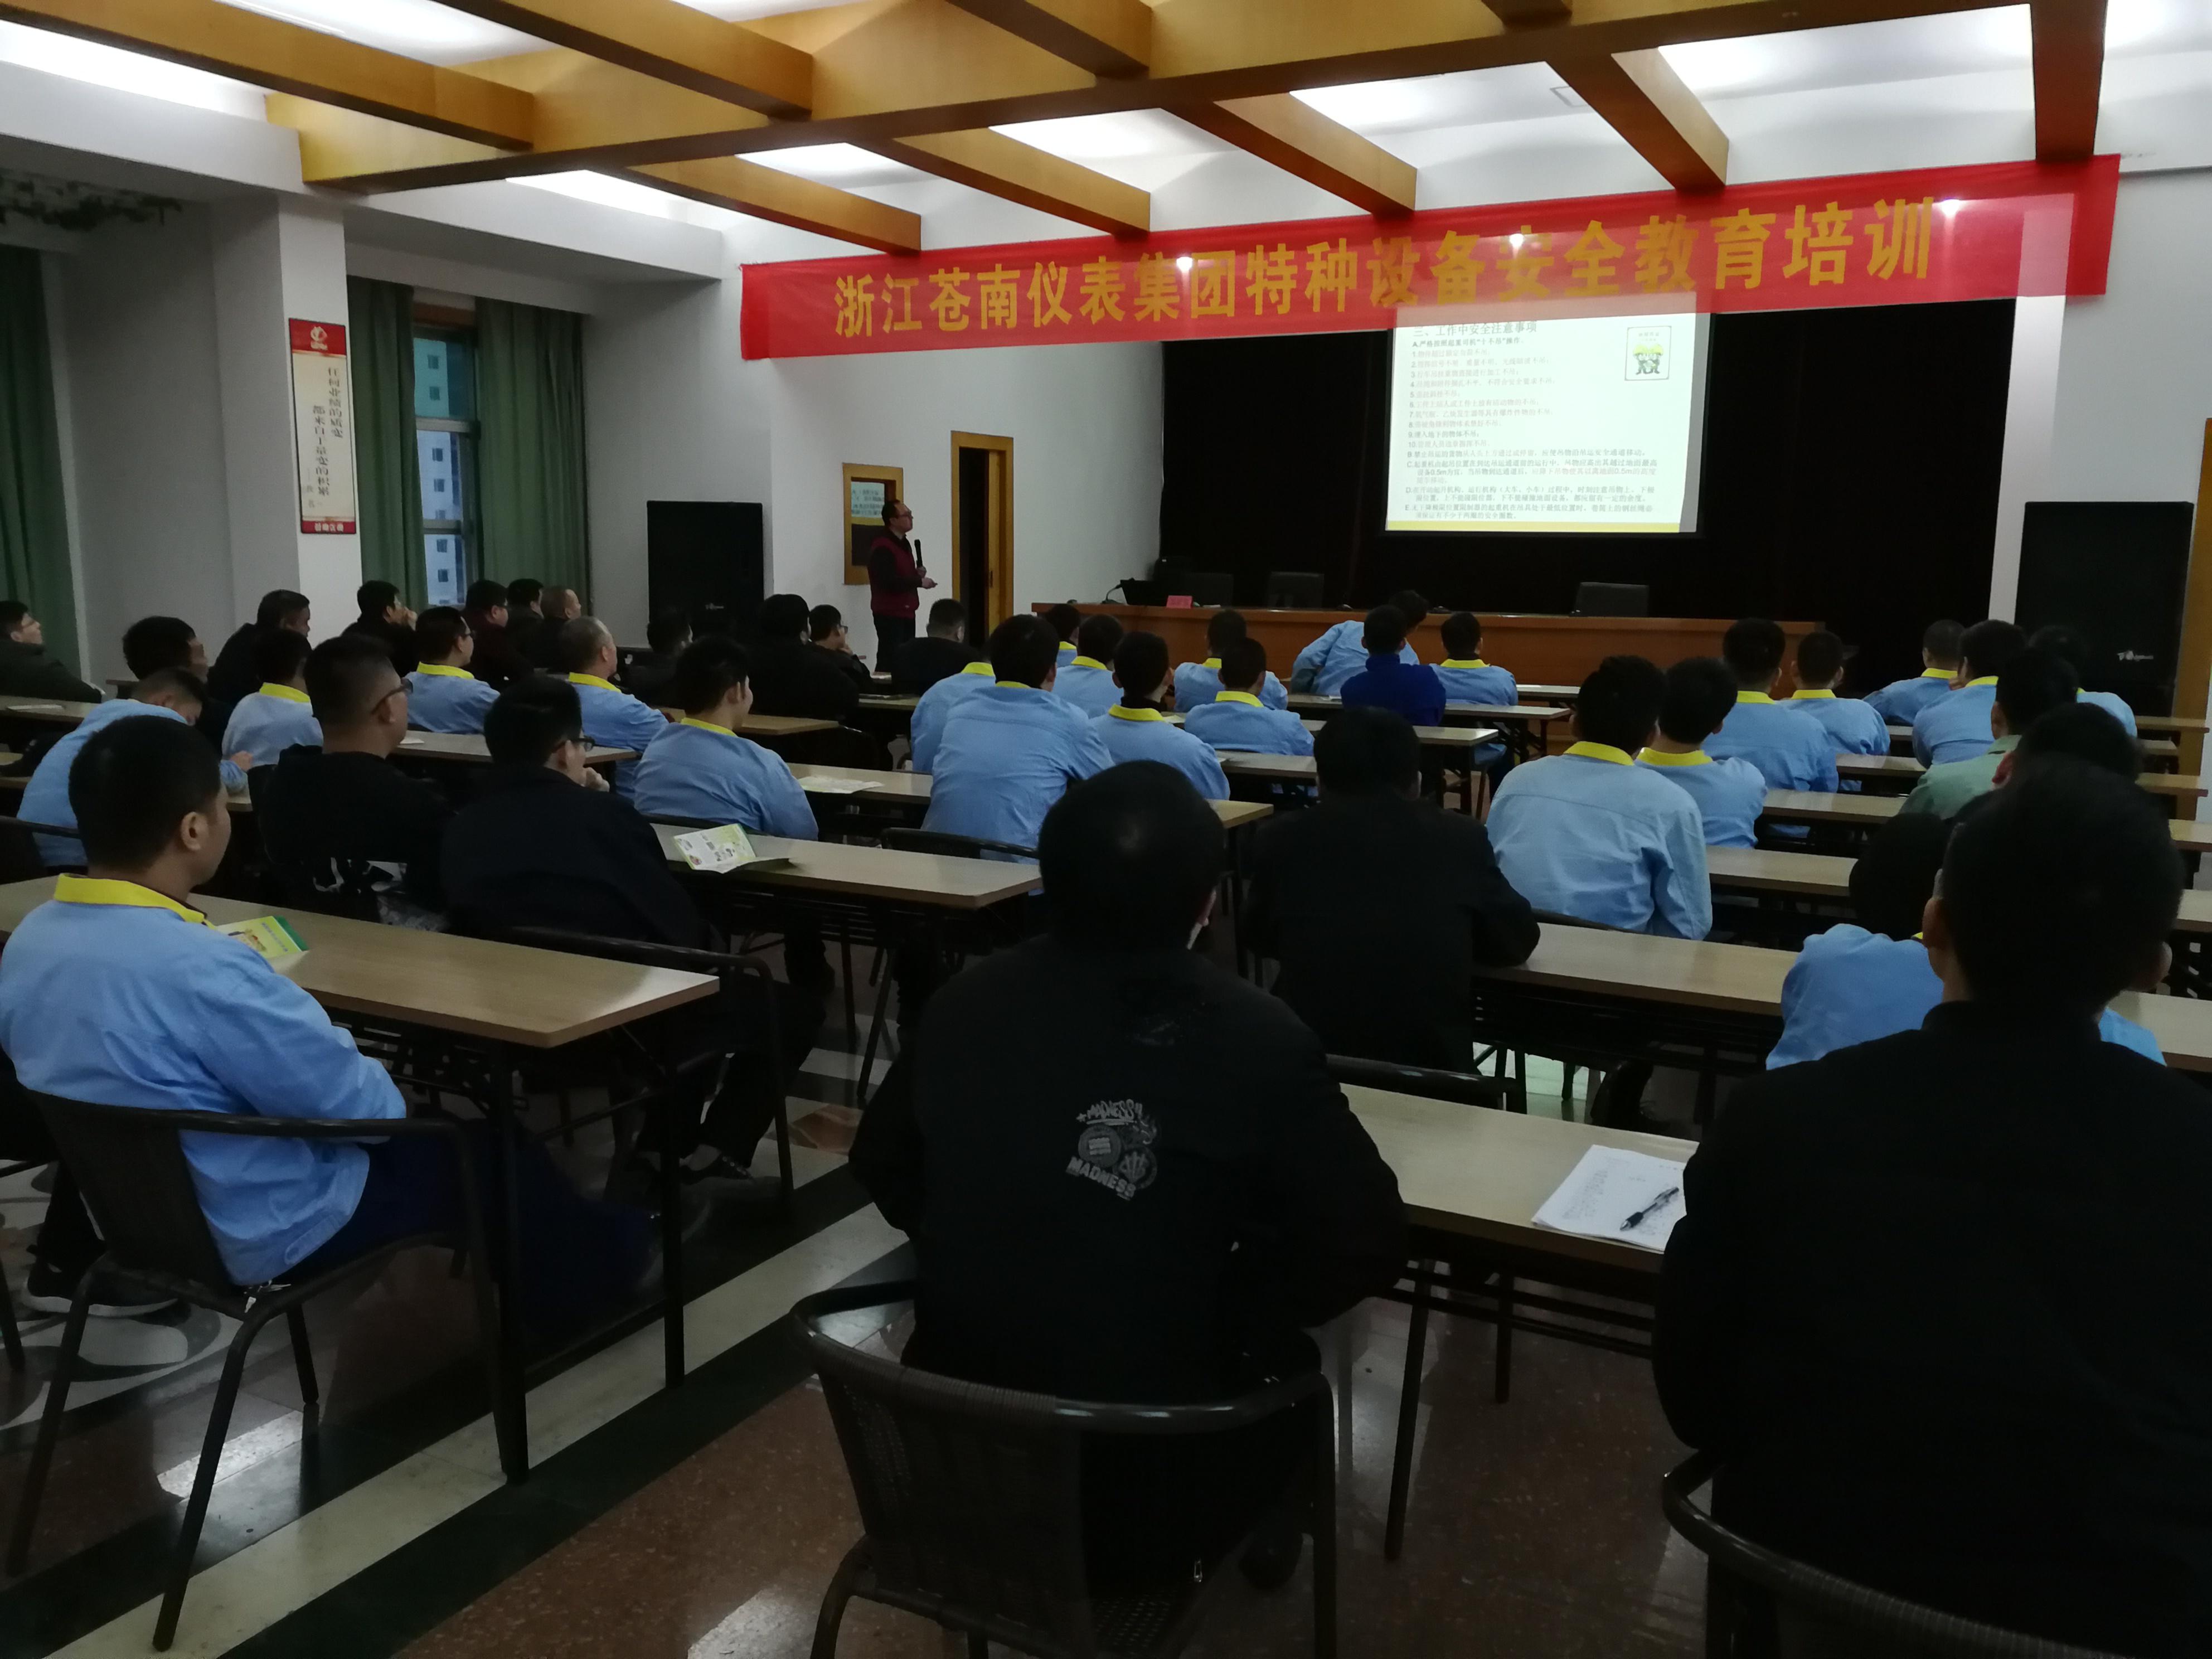 特种设备安全教育培训